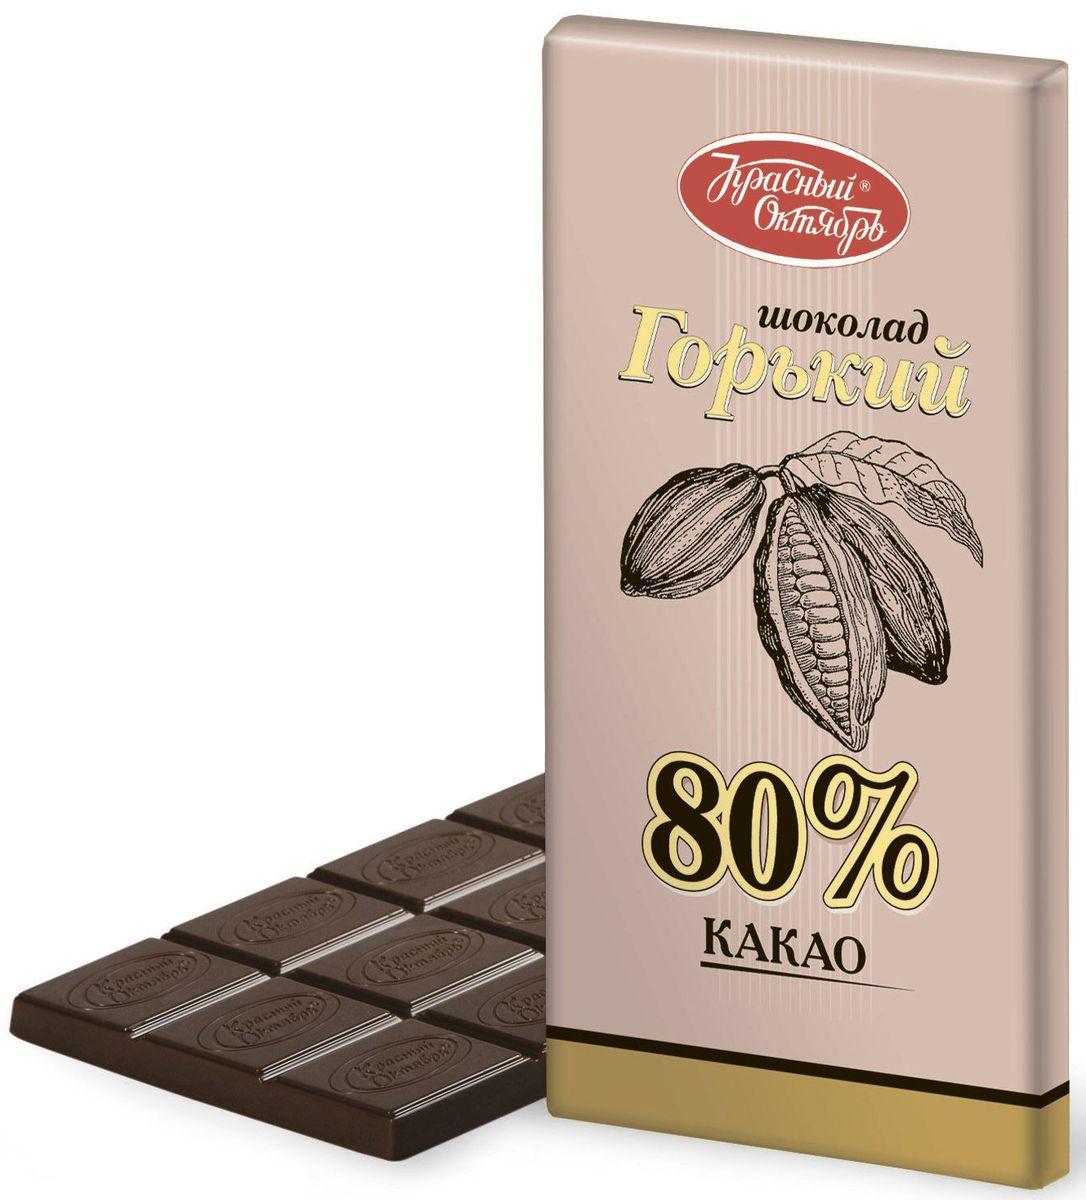 Красный Октябрь горький 80% какао шоколад, 75 гКО01512Красный Октябрь - уникальный пример в истории российского кондитерского дела, ведь таким количеством знаменитых марок, пожалуй, не может похвастаться ни один другой производитель в России.Уважаемые клиенты! Обращаем ваше внимание на то, что упаковка может иметь несколько видов дизайна. Поставка осуществляется в зависимости от наличия на складе.